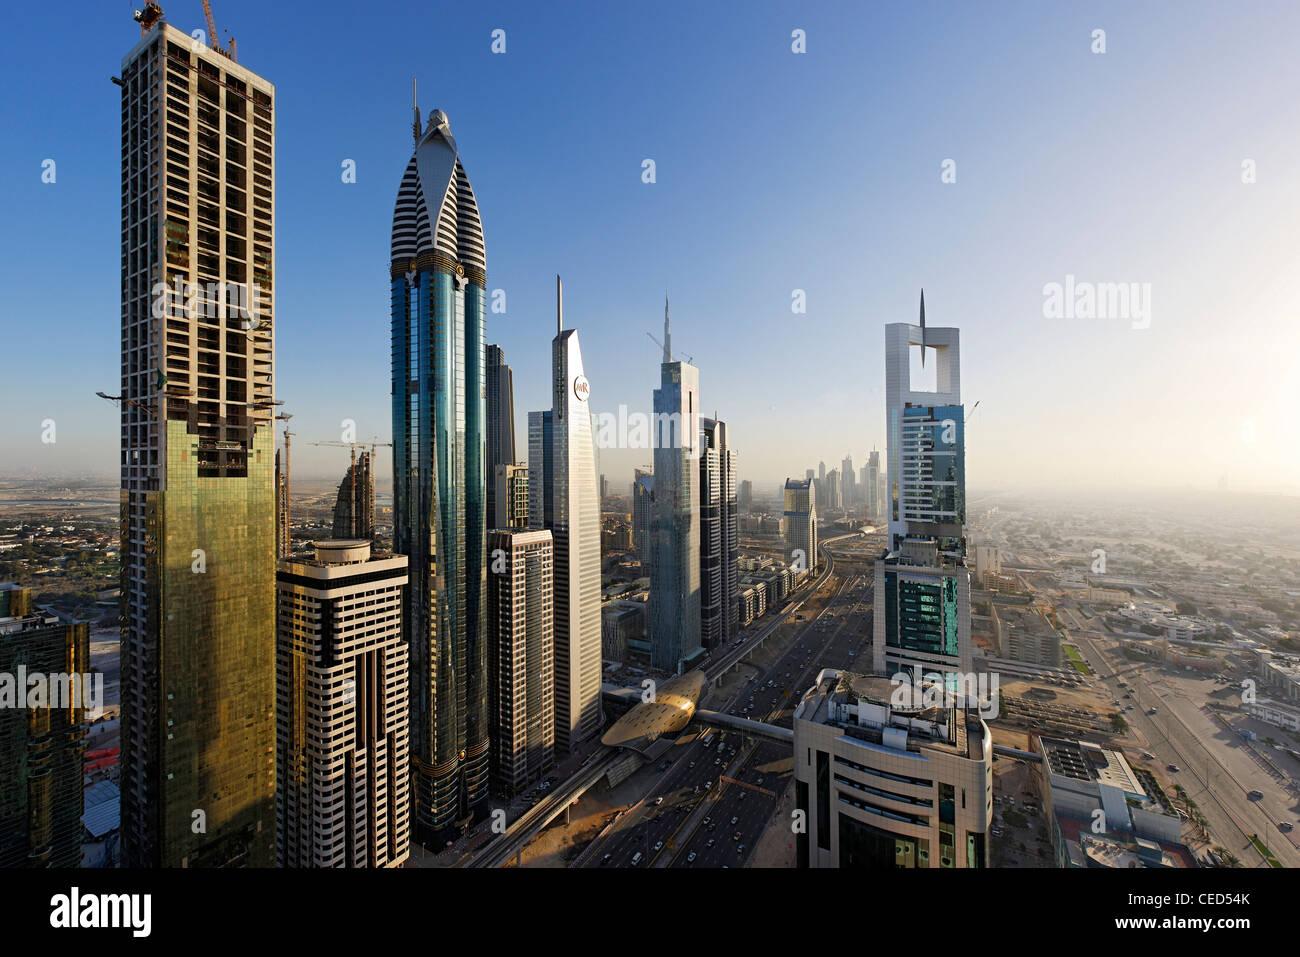 Vue sur le centre-ville de Dubaï, à gauche ROSE RAYHAAN by Rotana, tours, gratte-ciel, d'hôtels, Photo Stock